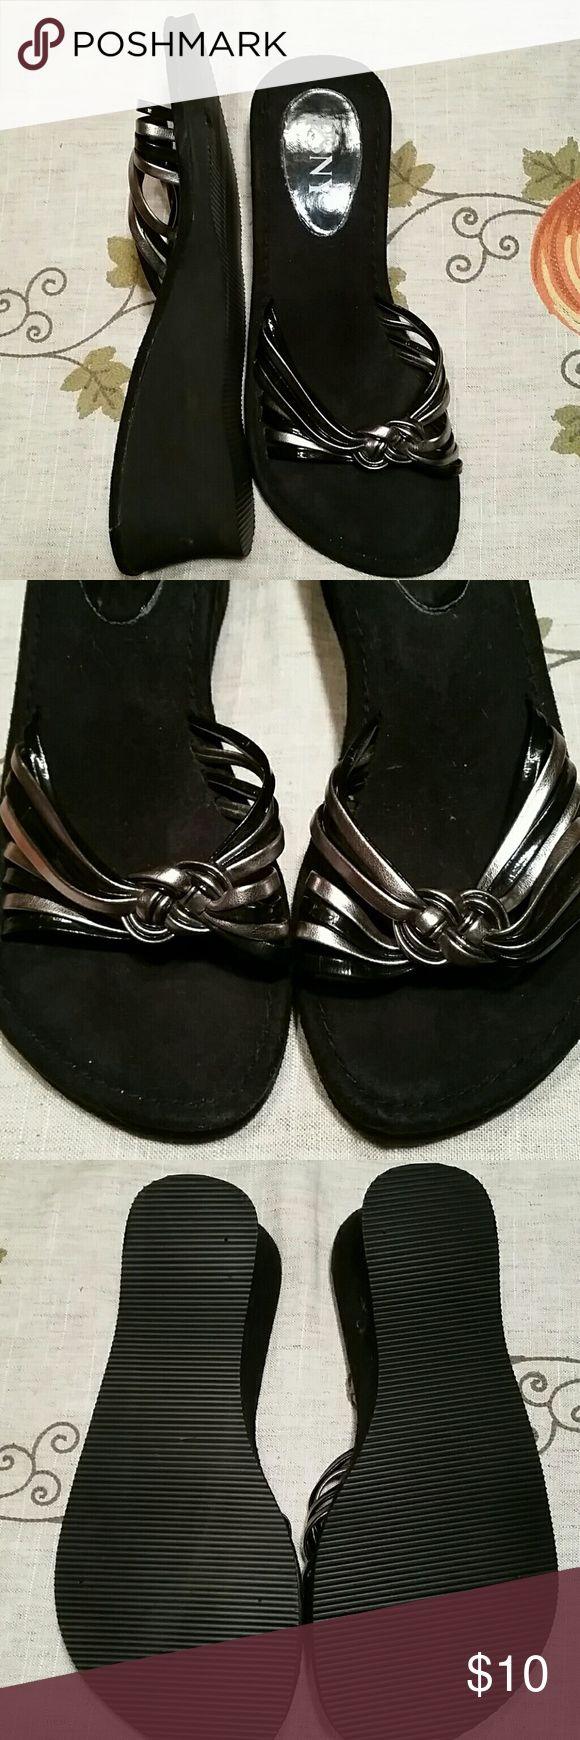 Black wedge sandals 2 inch heel - Black Wedge Sandals 2 Inch Heel 35